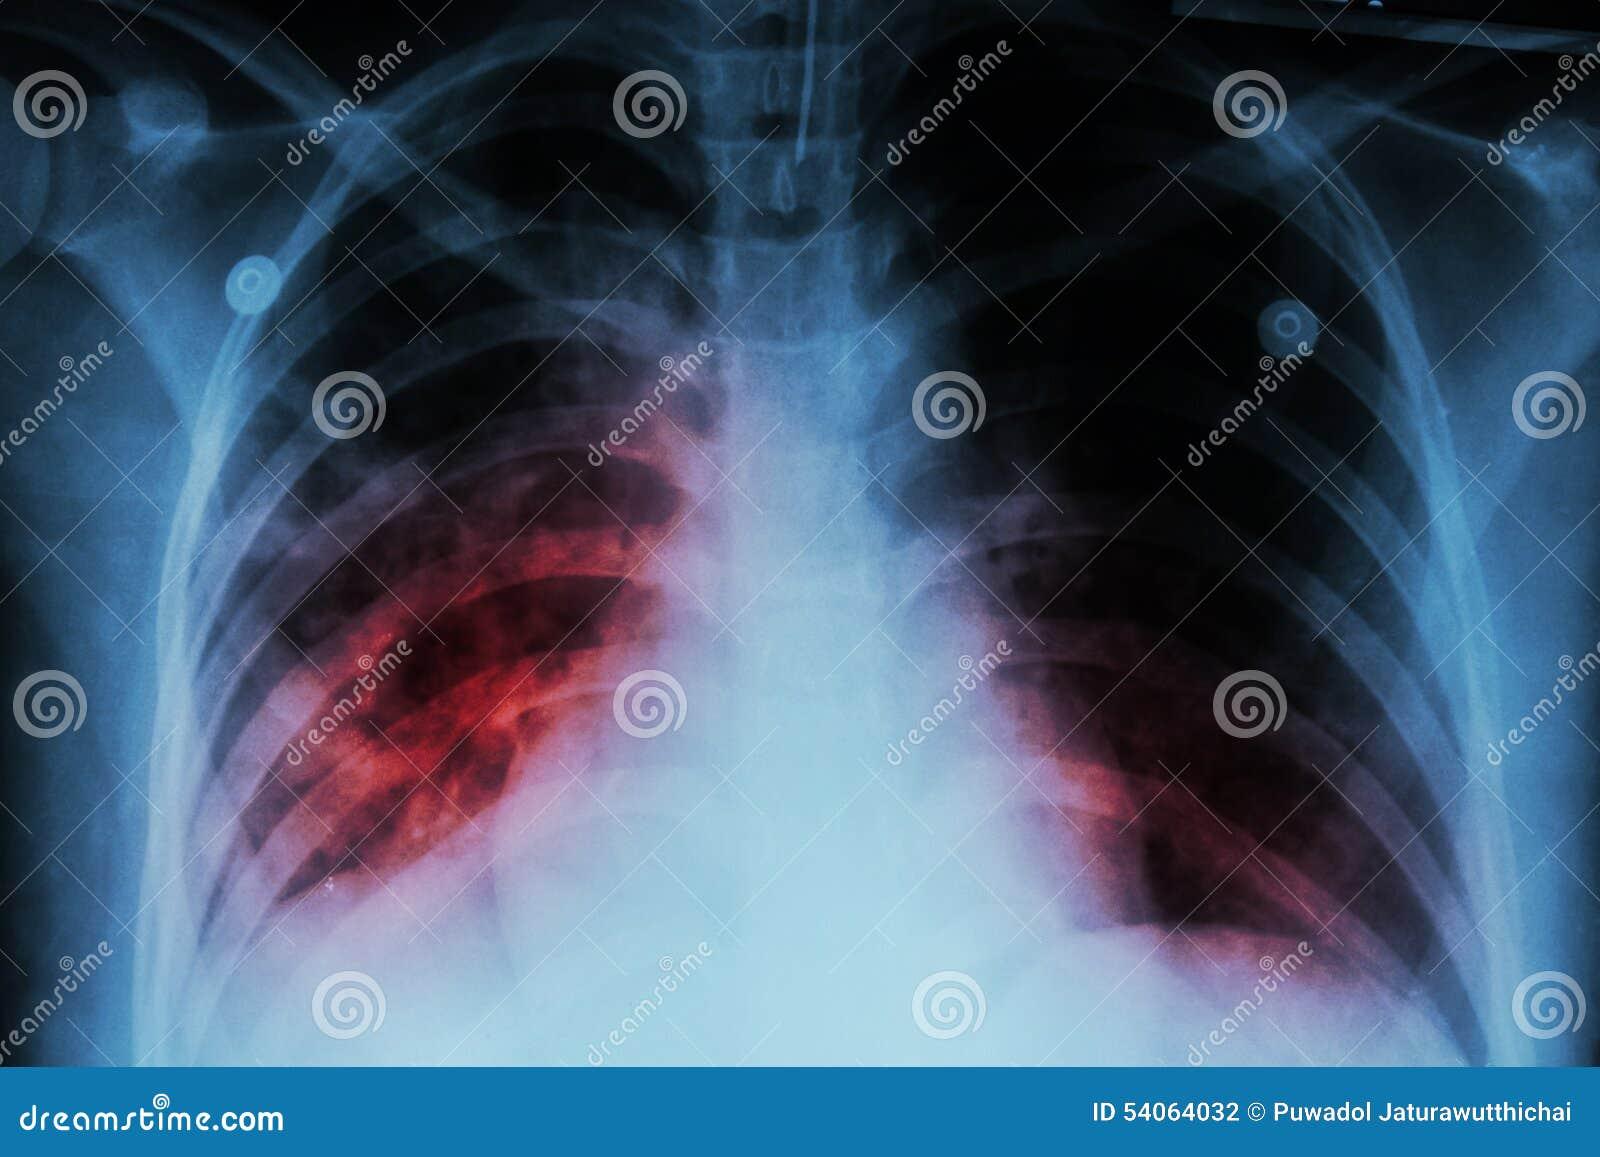 Tuberculosis pulmonar (TB): Infiltración alveolar de la demostración de la radiografía del pecho en ambos pulmón debido a la infe